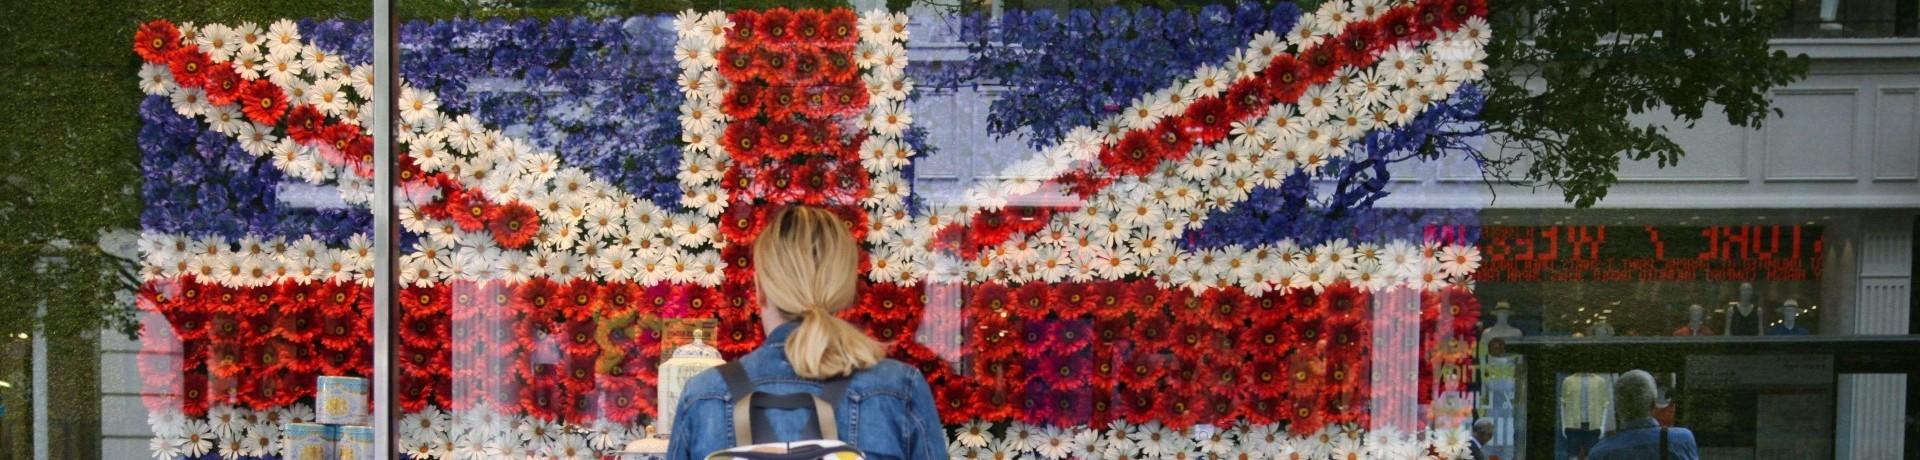 Une femme devant l'Union Jack